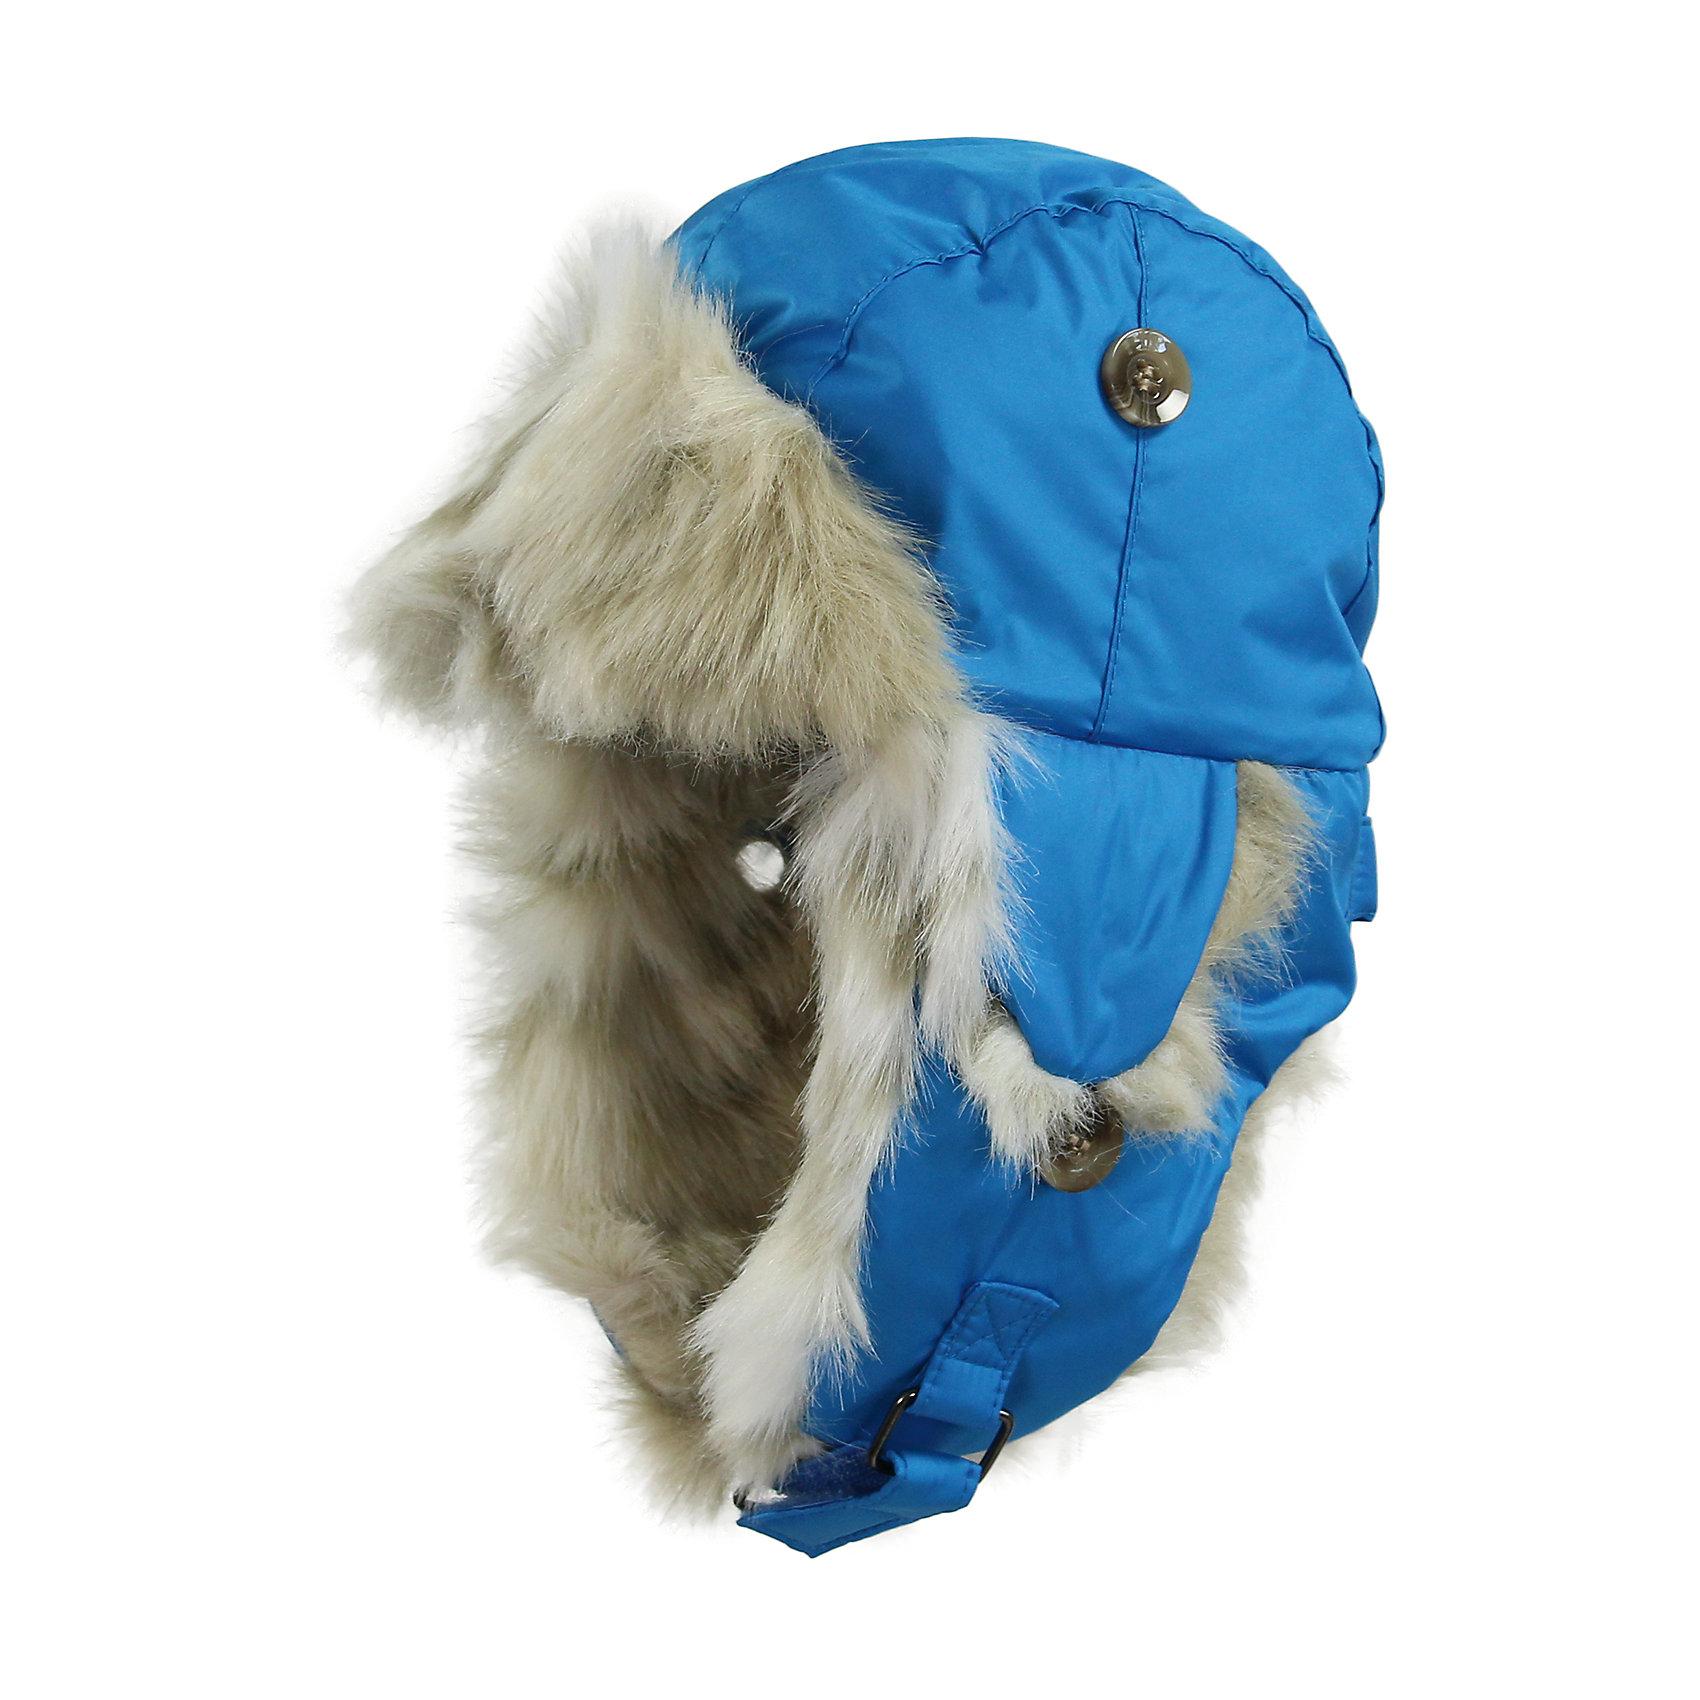 Шапка для мальчика HuppaШапочки<br>Зимняя шапка ярких цветов с легким ватином для малышей. У шапки подкладка из искусственного меха (80% акрила, 20% полиэстера) и дышащая - водоотталкивающая мягкая ткань из полиэстера. Для удобства ношения у шапки регулируемая верхняя часть и закрепляющиеся липучкой под подбородком клапаны. Клапаны шапки можно закрепить на макушке, приспосабливая для себя. <br><br>Шапку для мальчика Huppa (Хуппа) можно купить в нашем магазине.<br><br>Ширина мм: 89<br>Глубина мм: 117<br>Высота мм: 44<br>Вес г: 155<br>Цвет: голубой<br>Возраст от месяцев: 9<br>Возраст до месяцев: 12<br>Пол: Мужской<br>Возраст: Детский<br>Размер: 43-45,47-49,39-43,51-53<br>SKU: 4243115